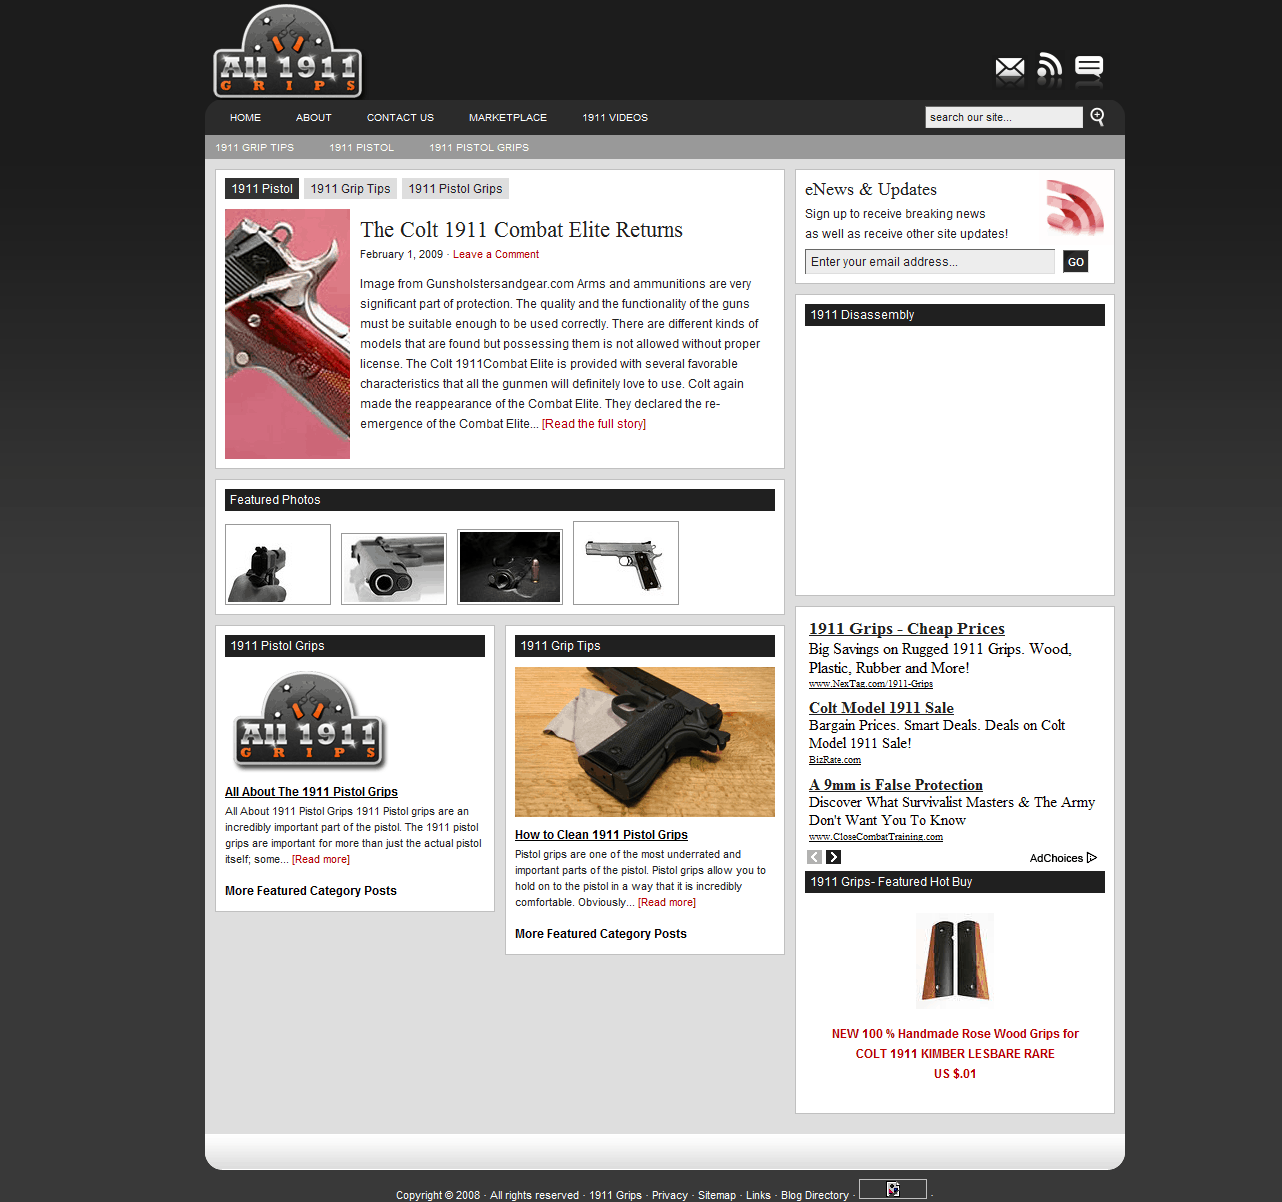 1911 grips website